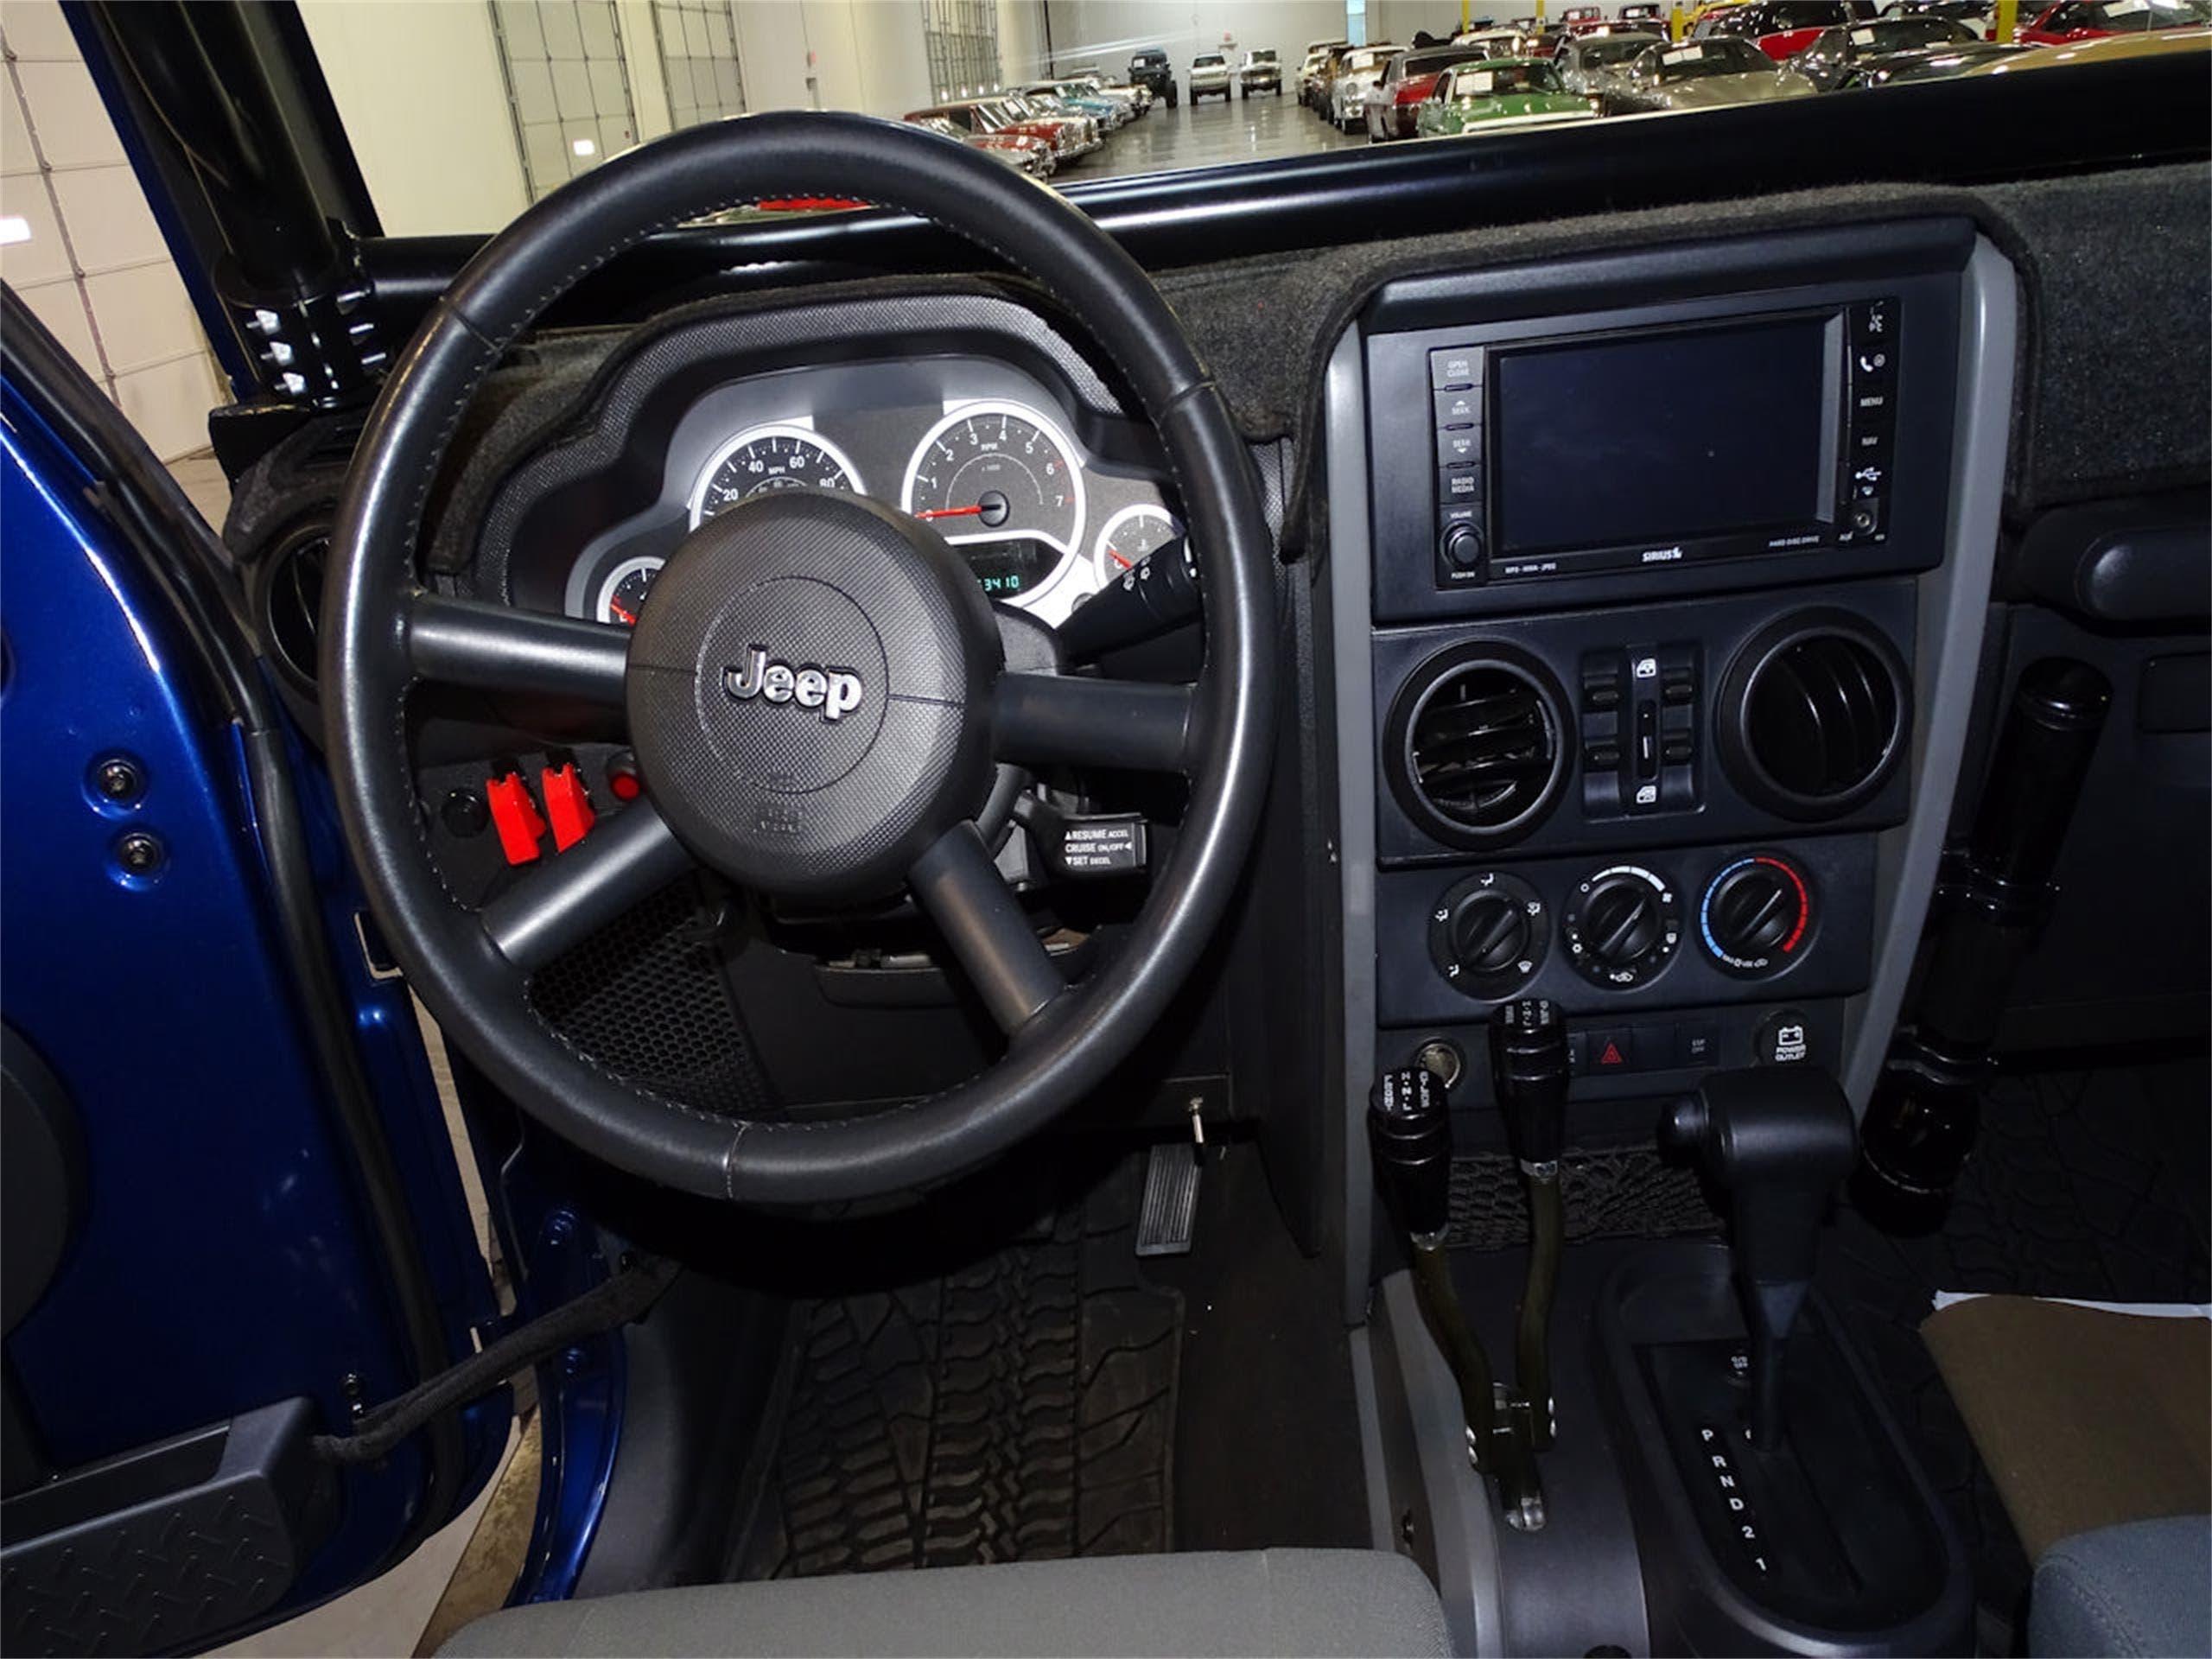 Jeep Wrangler 2009 motore Hemi V8